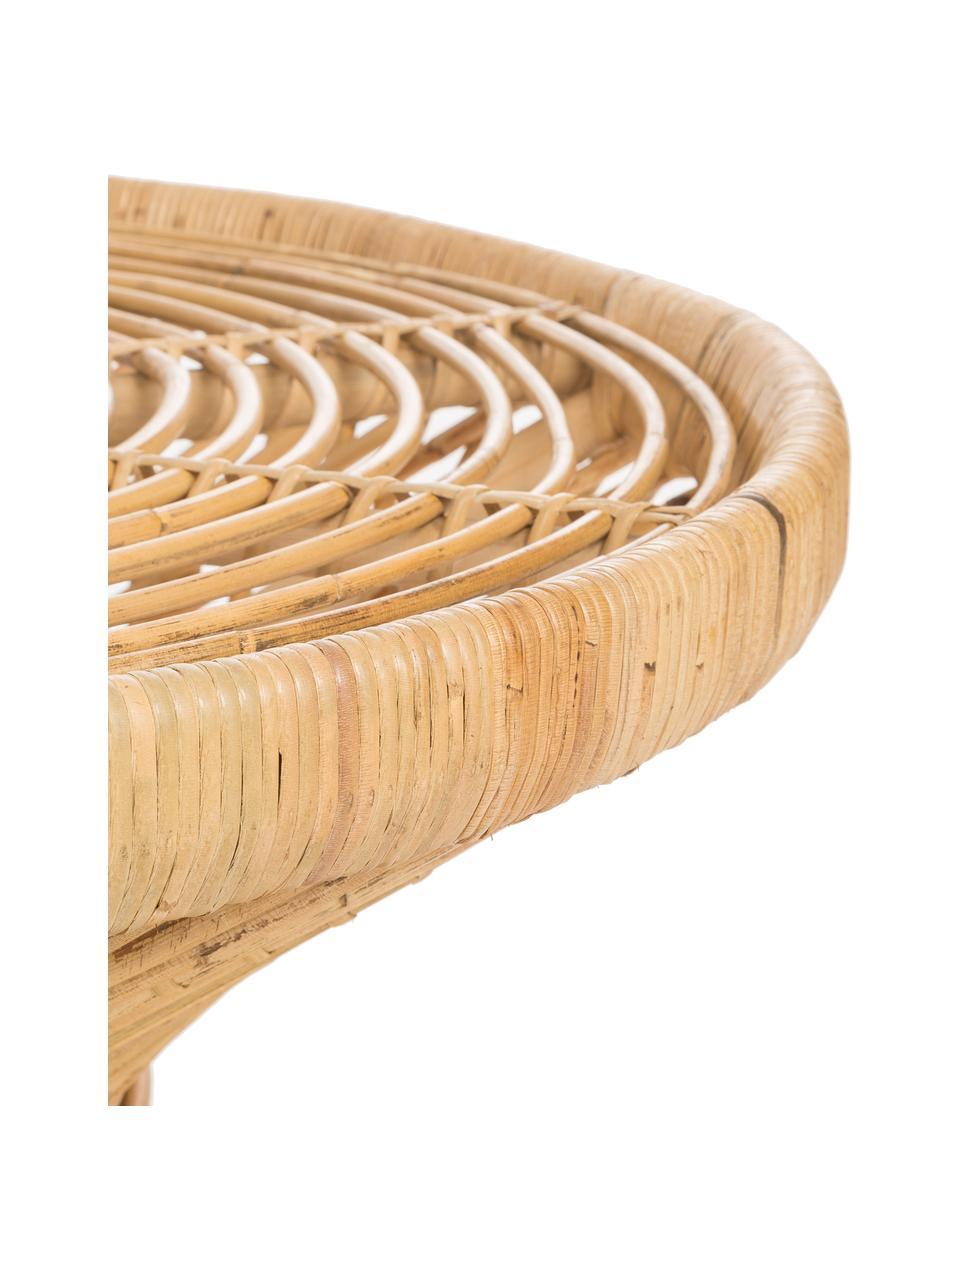 Rattan-Couchtisch Marvel im Boho Style, Rattan, naturbelassen, Rattan, naturbelassen, Ø 80 x H 47 cm